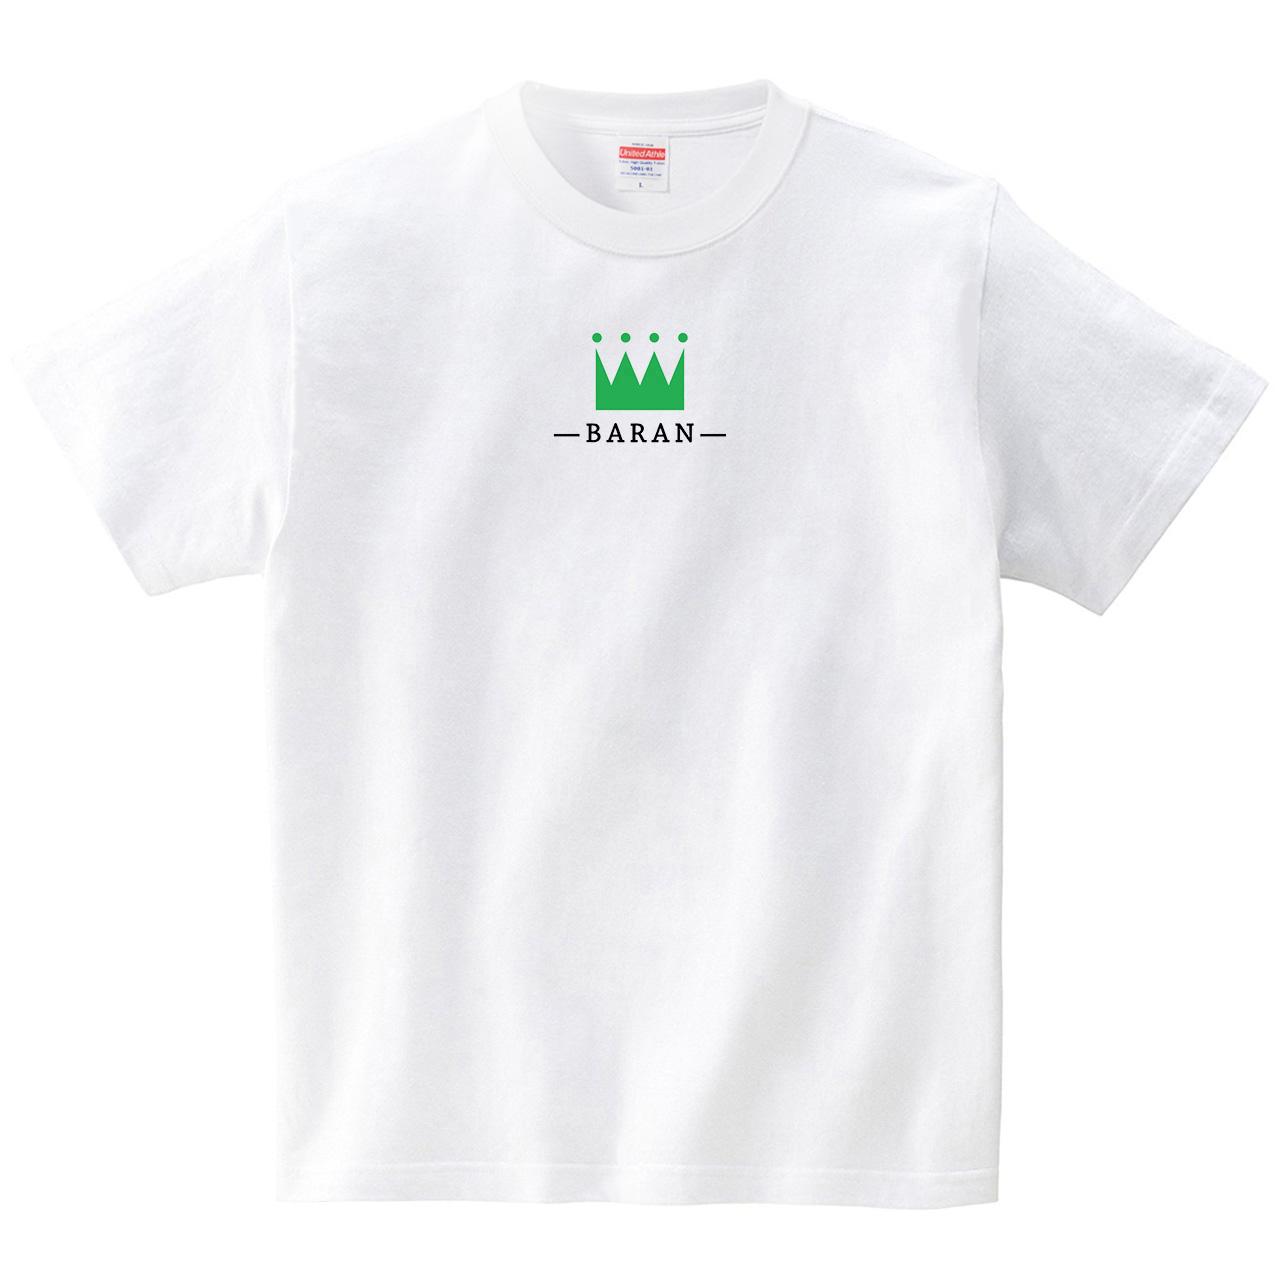 バランクラウン(Tシャツ・ホワイト)(オワリ)